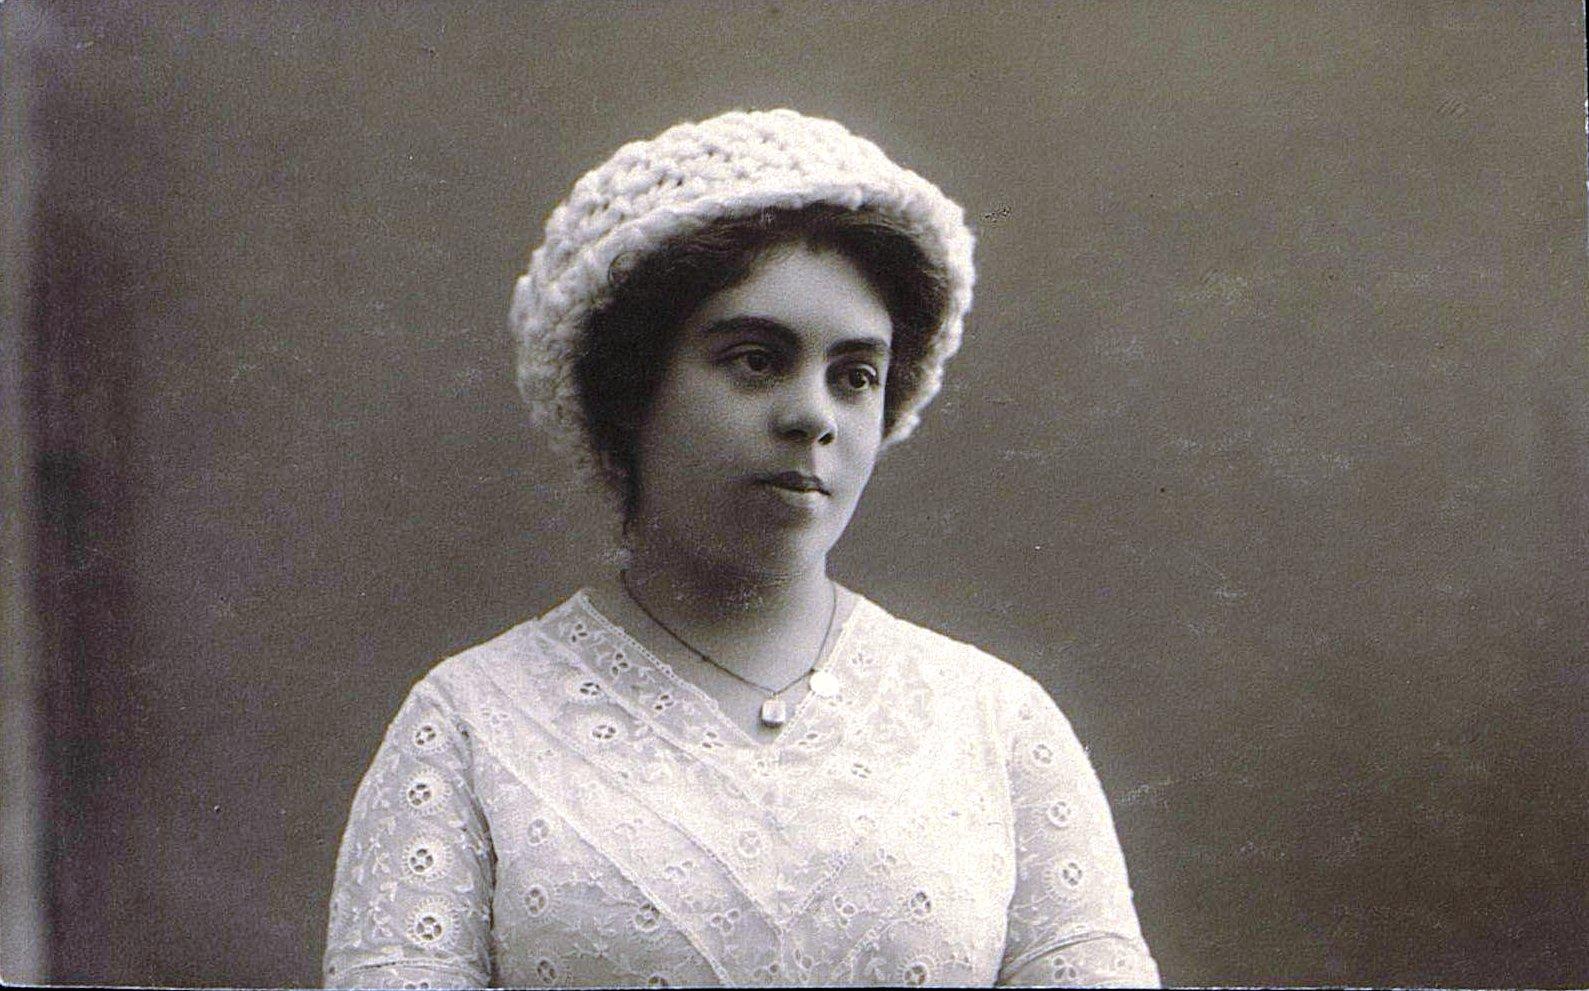 Богдановская Н.Д. 1911 (3)